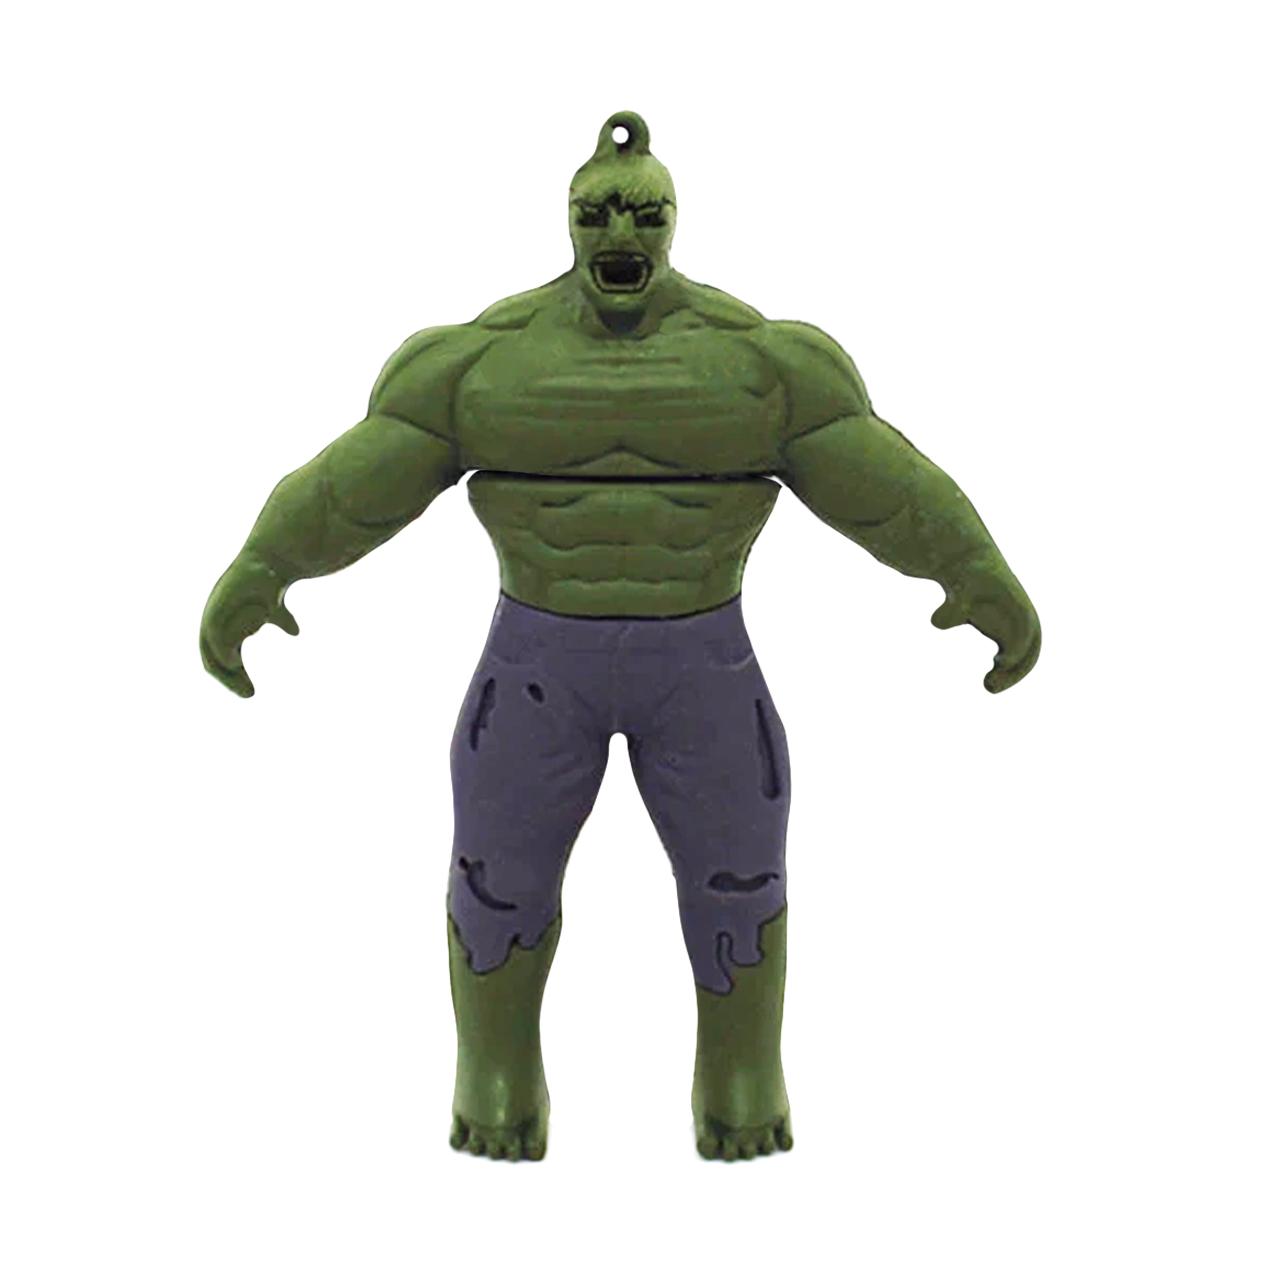 بررسی و {خرید با تخفیف} فلش مموری طرح Hulk مدل DPL1170-U3 ظرفیت 128 گیگابایت اصل